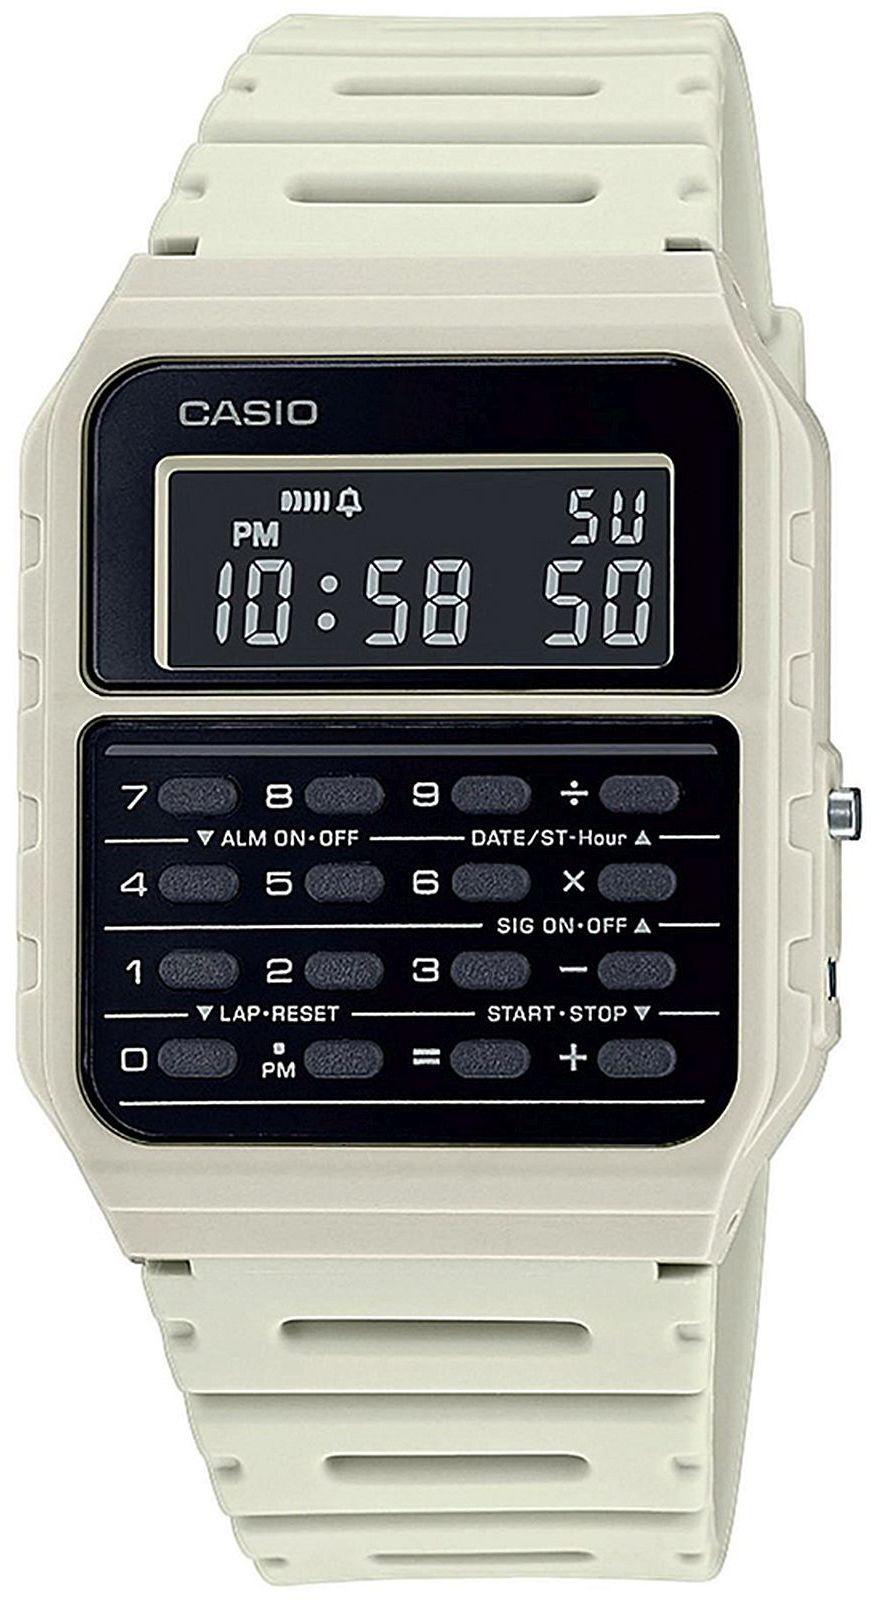 Casio CA-53WF-8BEF > Wysyłka tego samego dnia Grawer 0zł Darmowa dostawa Kurierem/Inpost Darmowy zwrot przez 100 DNI